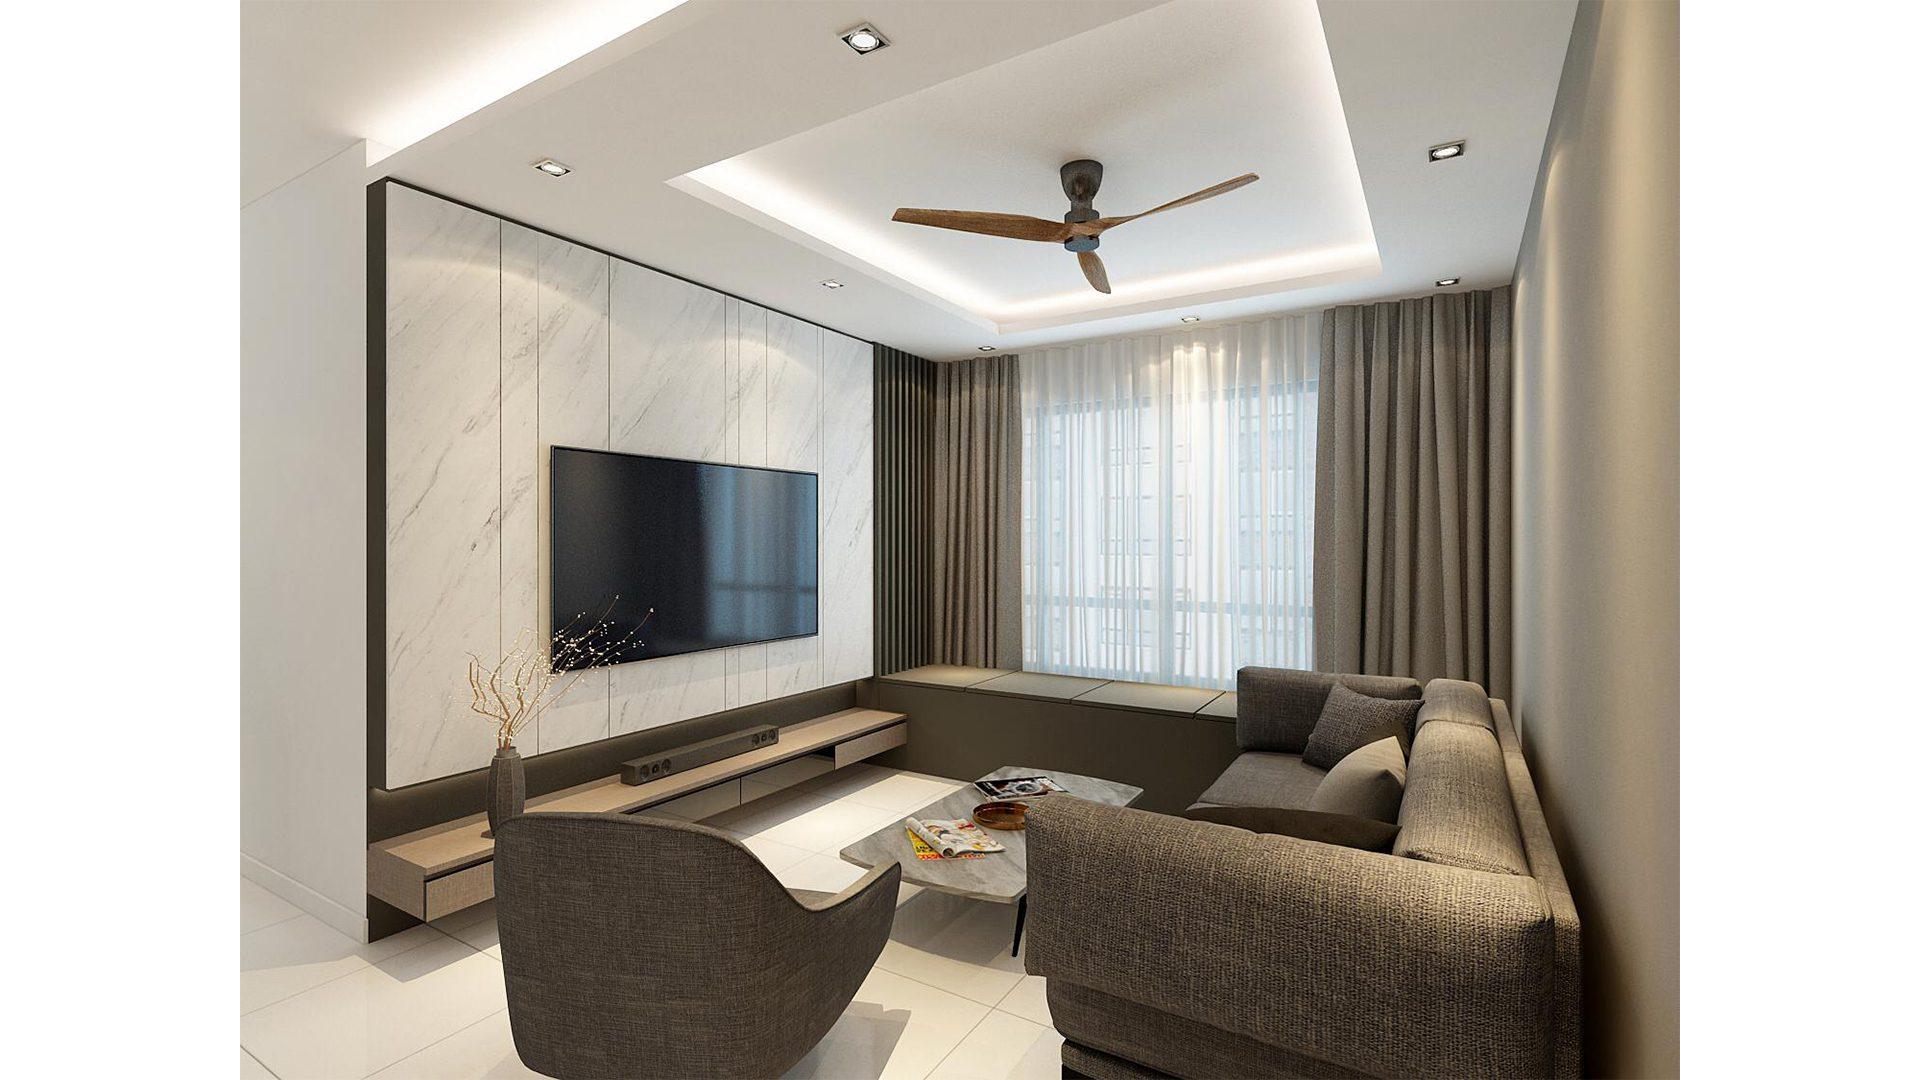 312B Clementi Ave 4_sample interior design(1920x1080)_Home Quarters SG_KC Ng Keng Chong-2